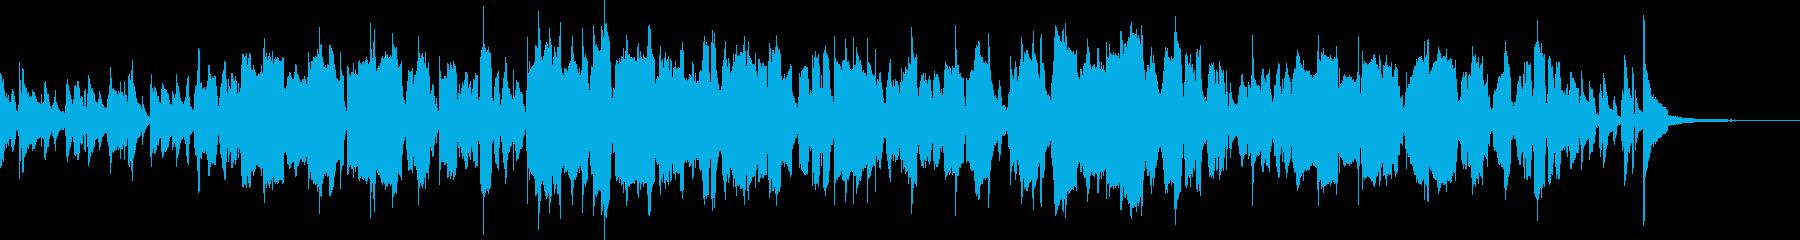 フレンチホルンによるコミカルなジャズの再生済みの波形